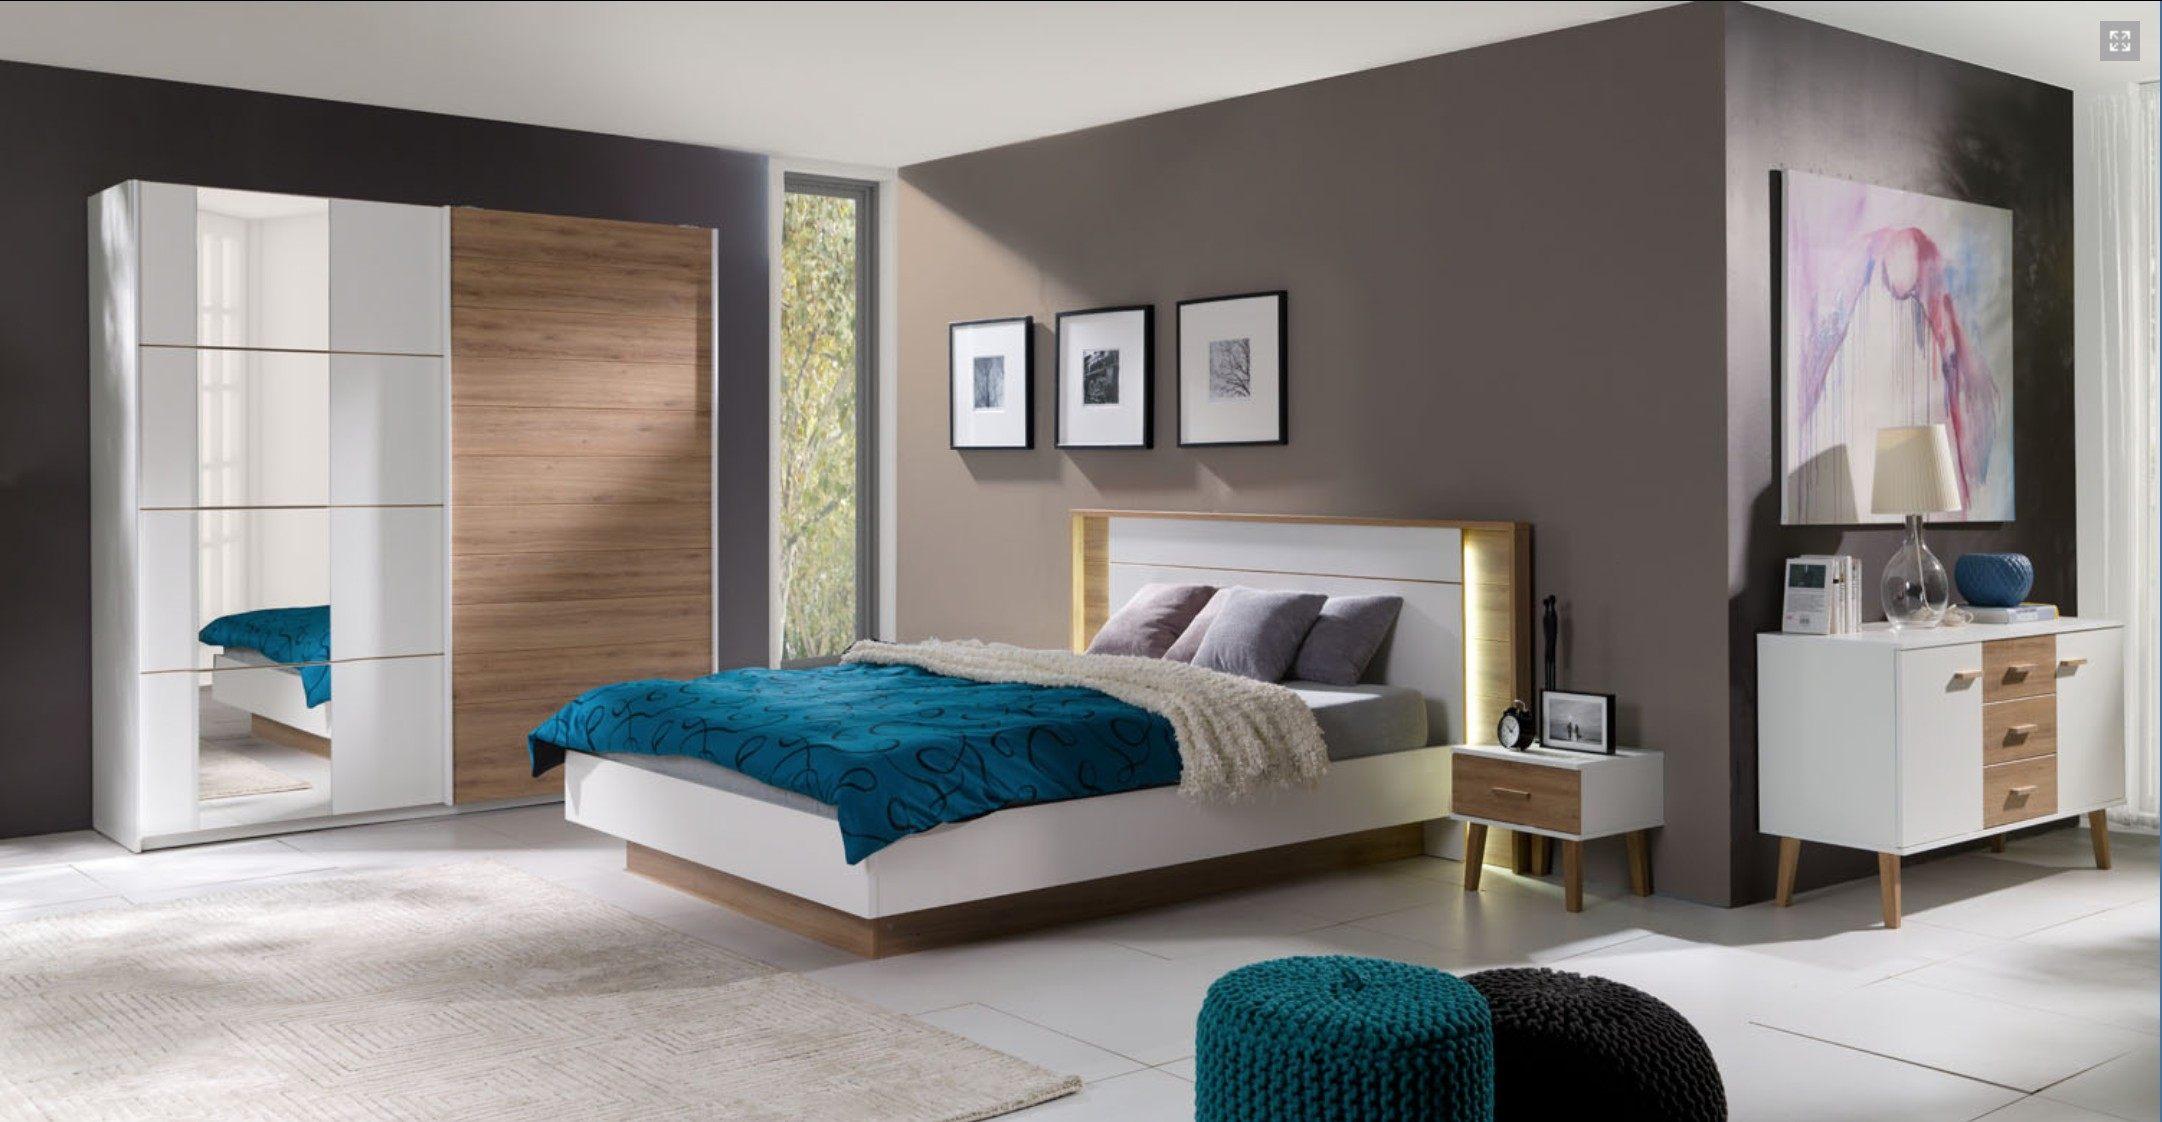 Lit Scandinave 160×200 Inspiré Chambre € Coucher Lit Adulte Design Artur 2 X Chevets Led somm